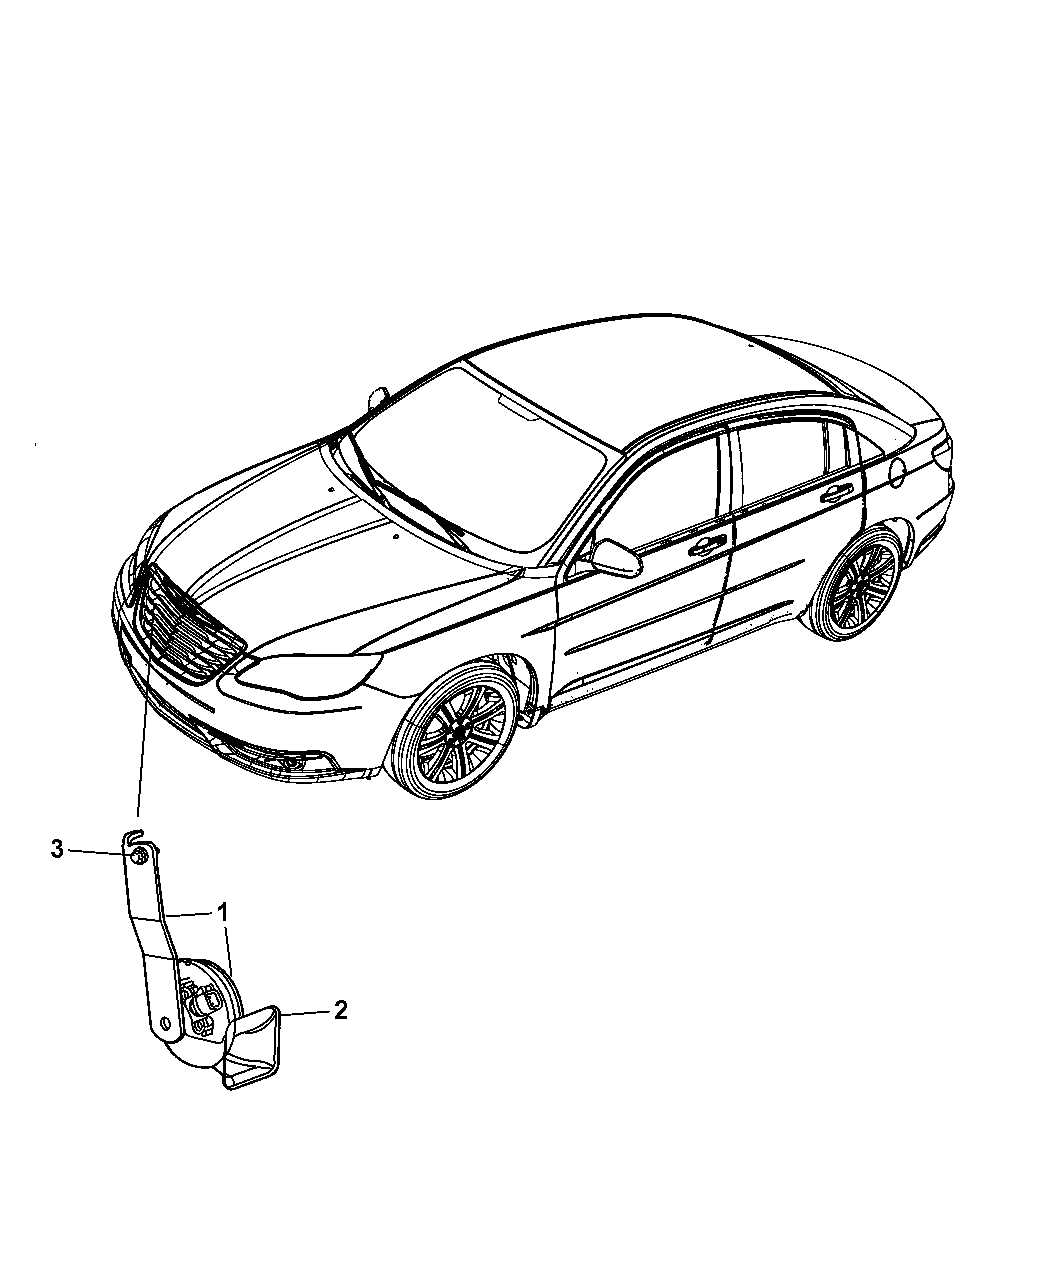 2012 Chrysler 200 Horns